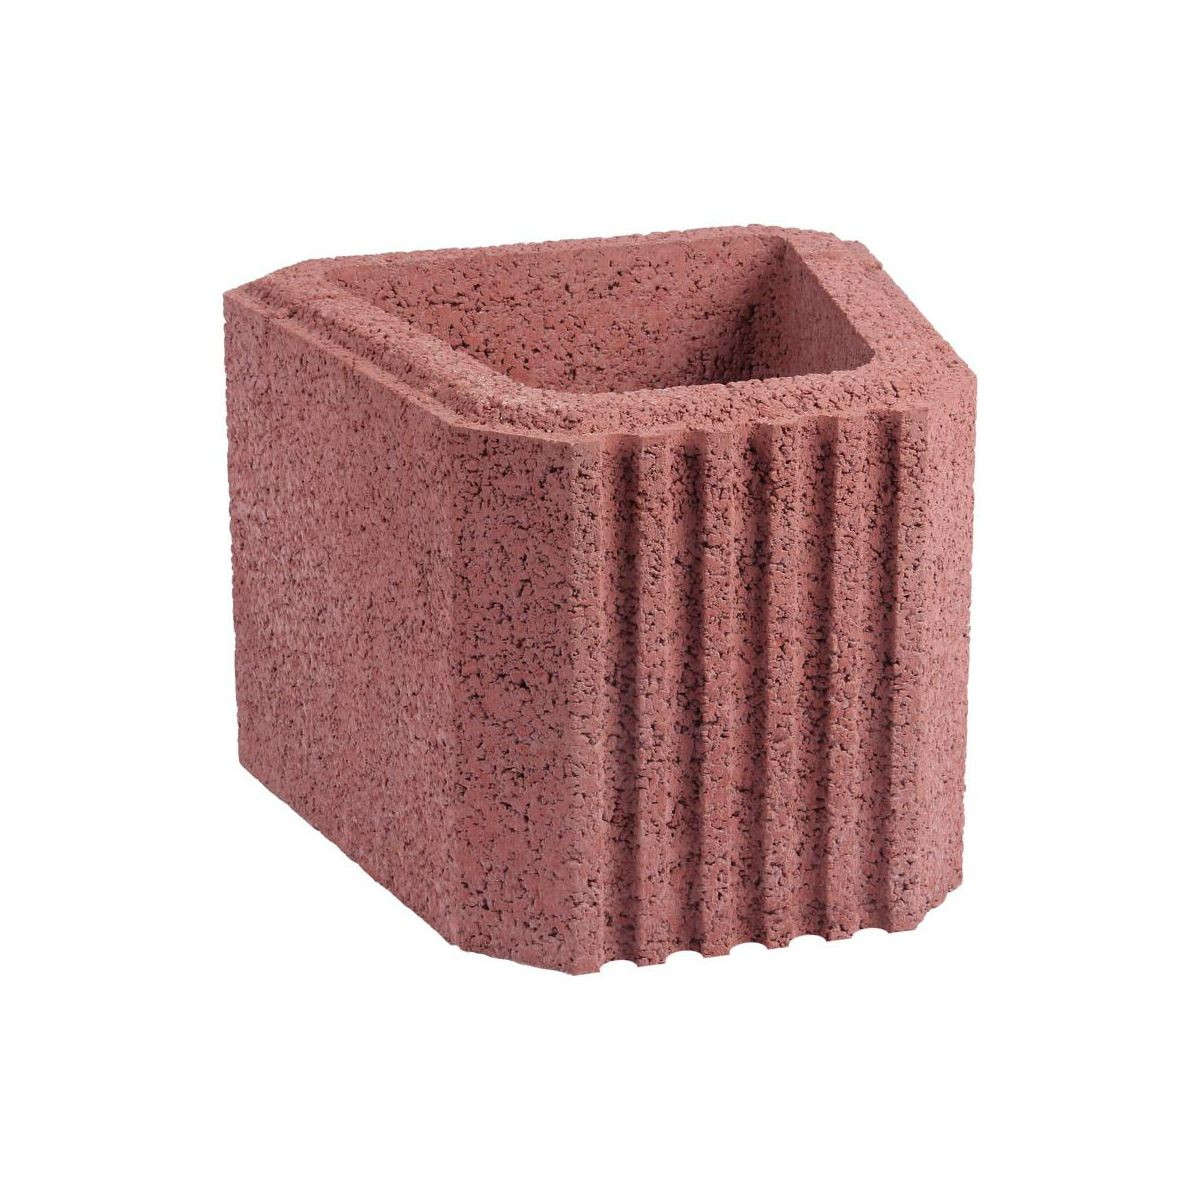 gazon trapezowy baumabrick kostki brukowe p yty chodnikowe w atrakcyjnej cenie w sklepach. Black Bedroom Furniture Sets. Home Design Ideas